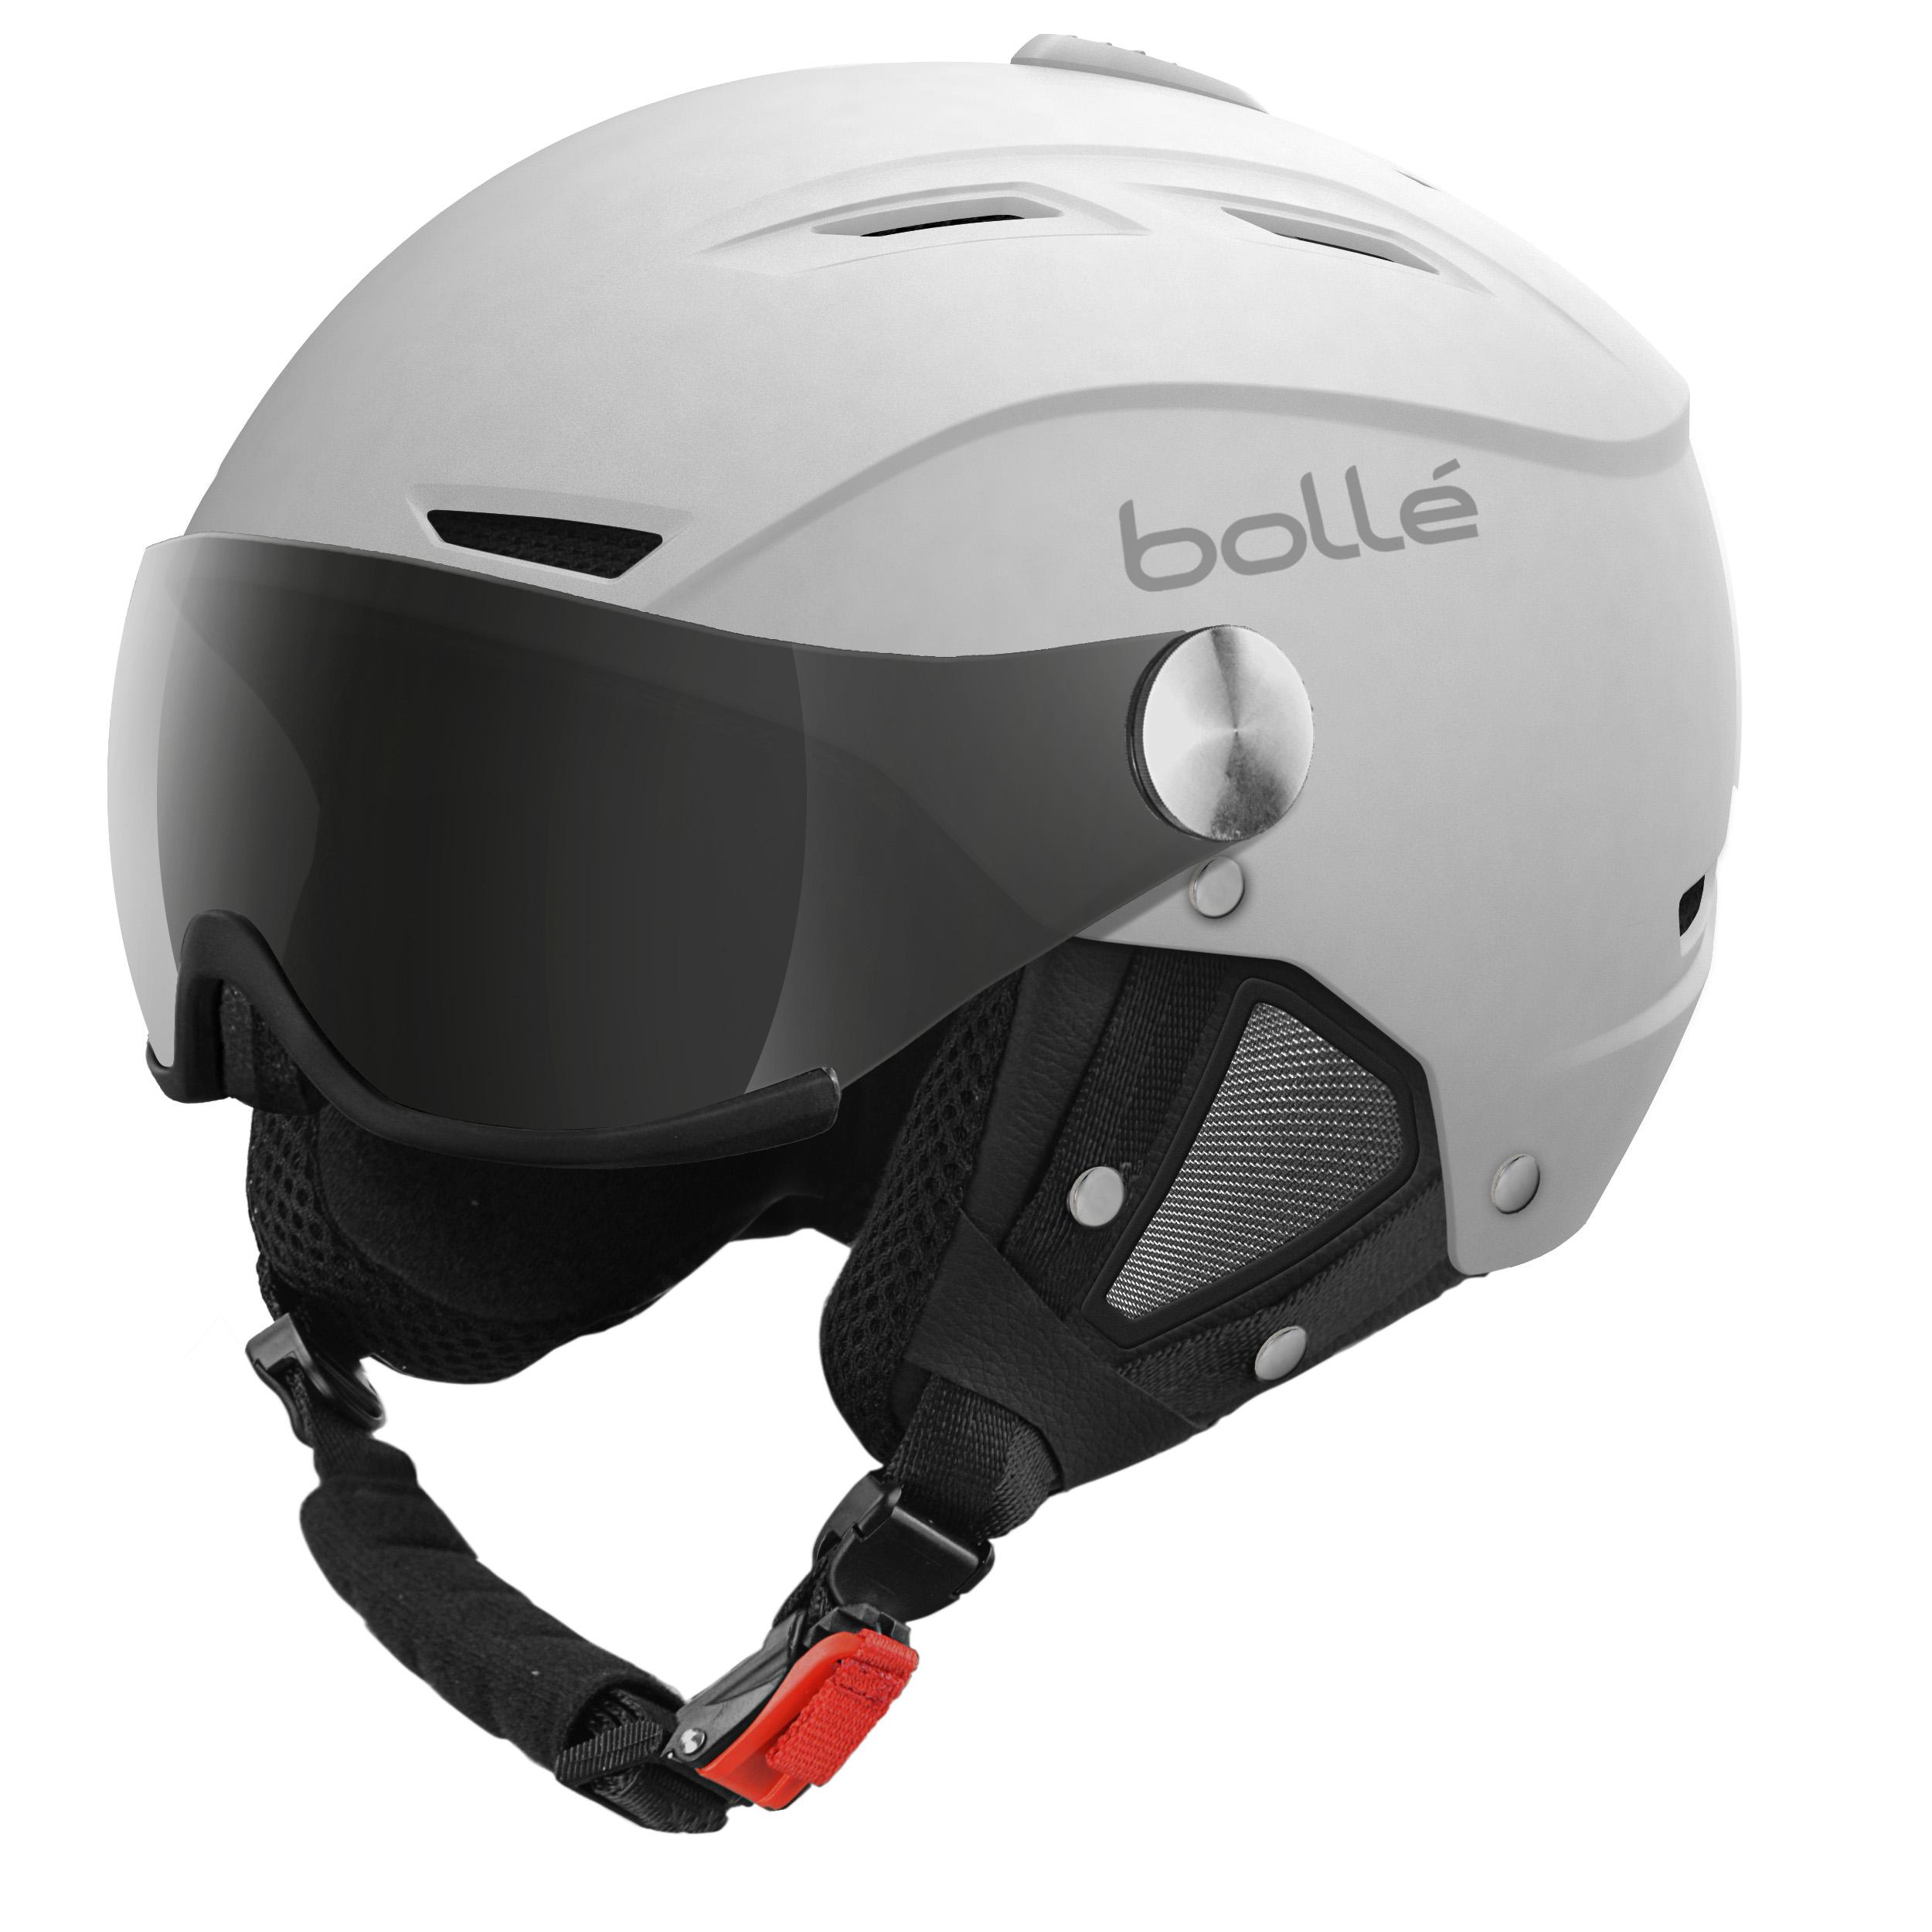 Casque De Ski Bollé Backline Visor Blanc Cat 3 1 Masques